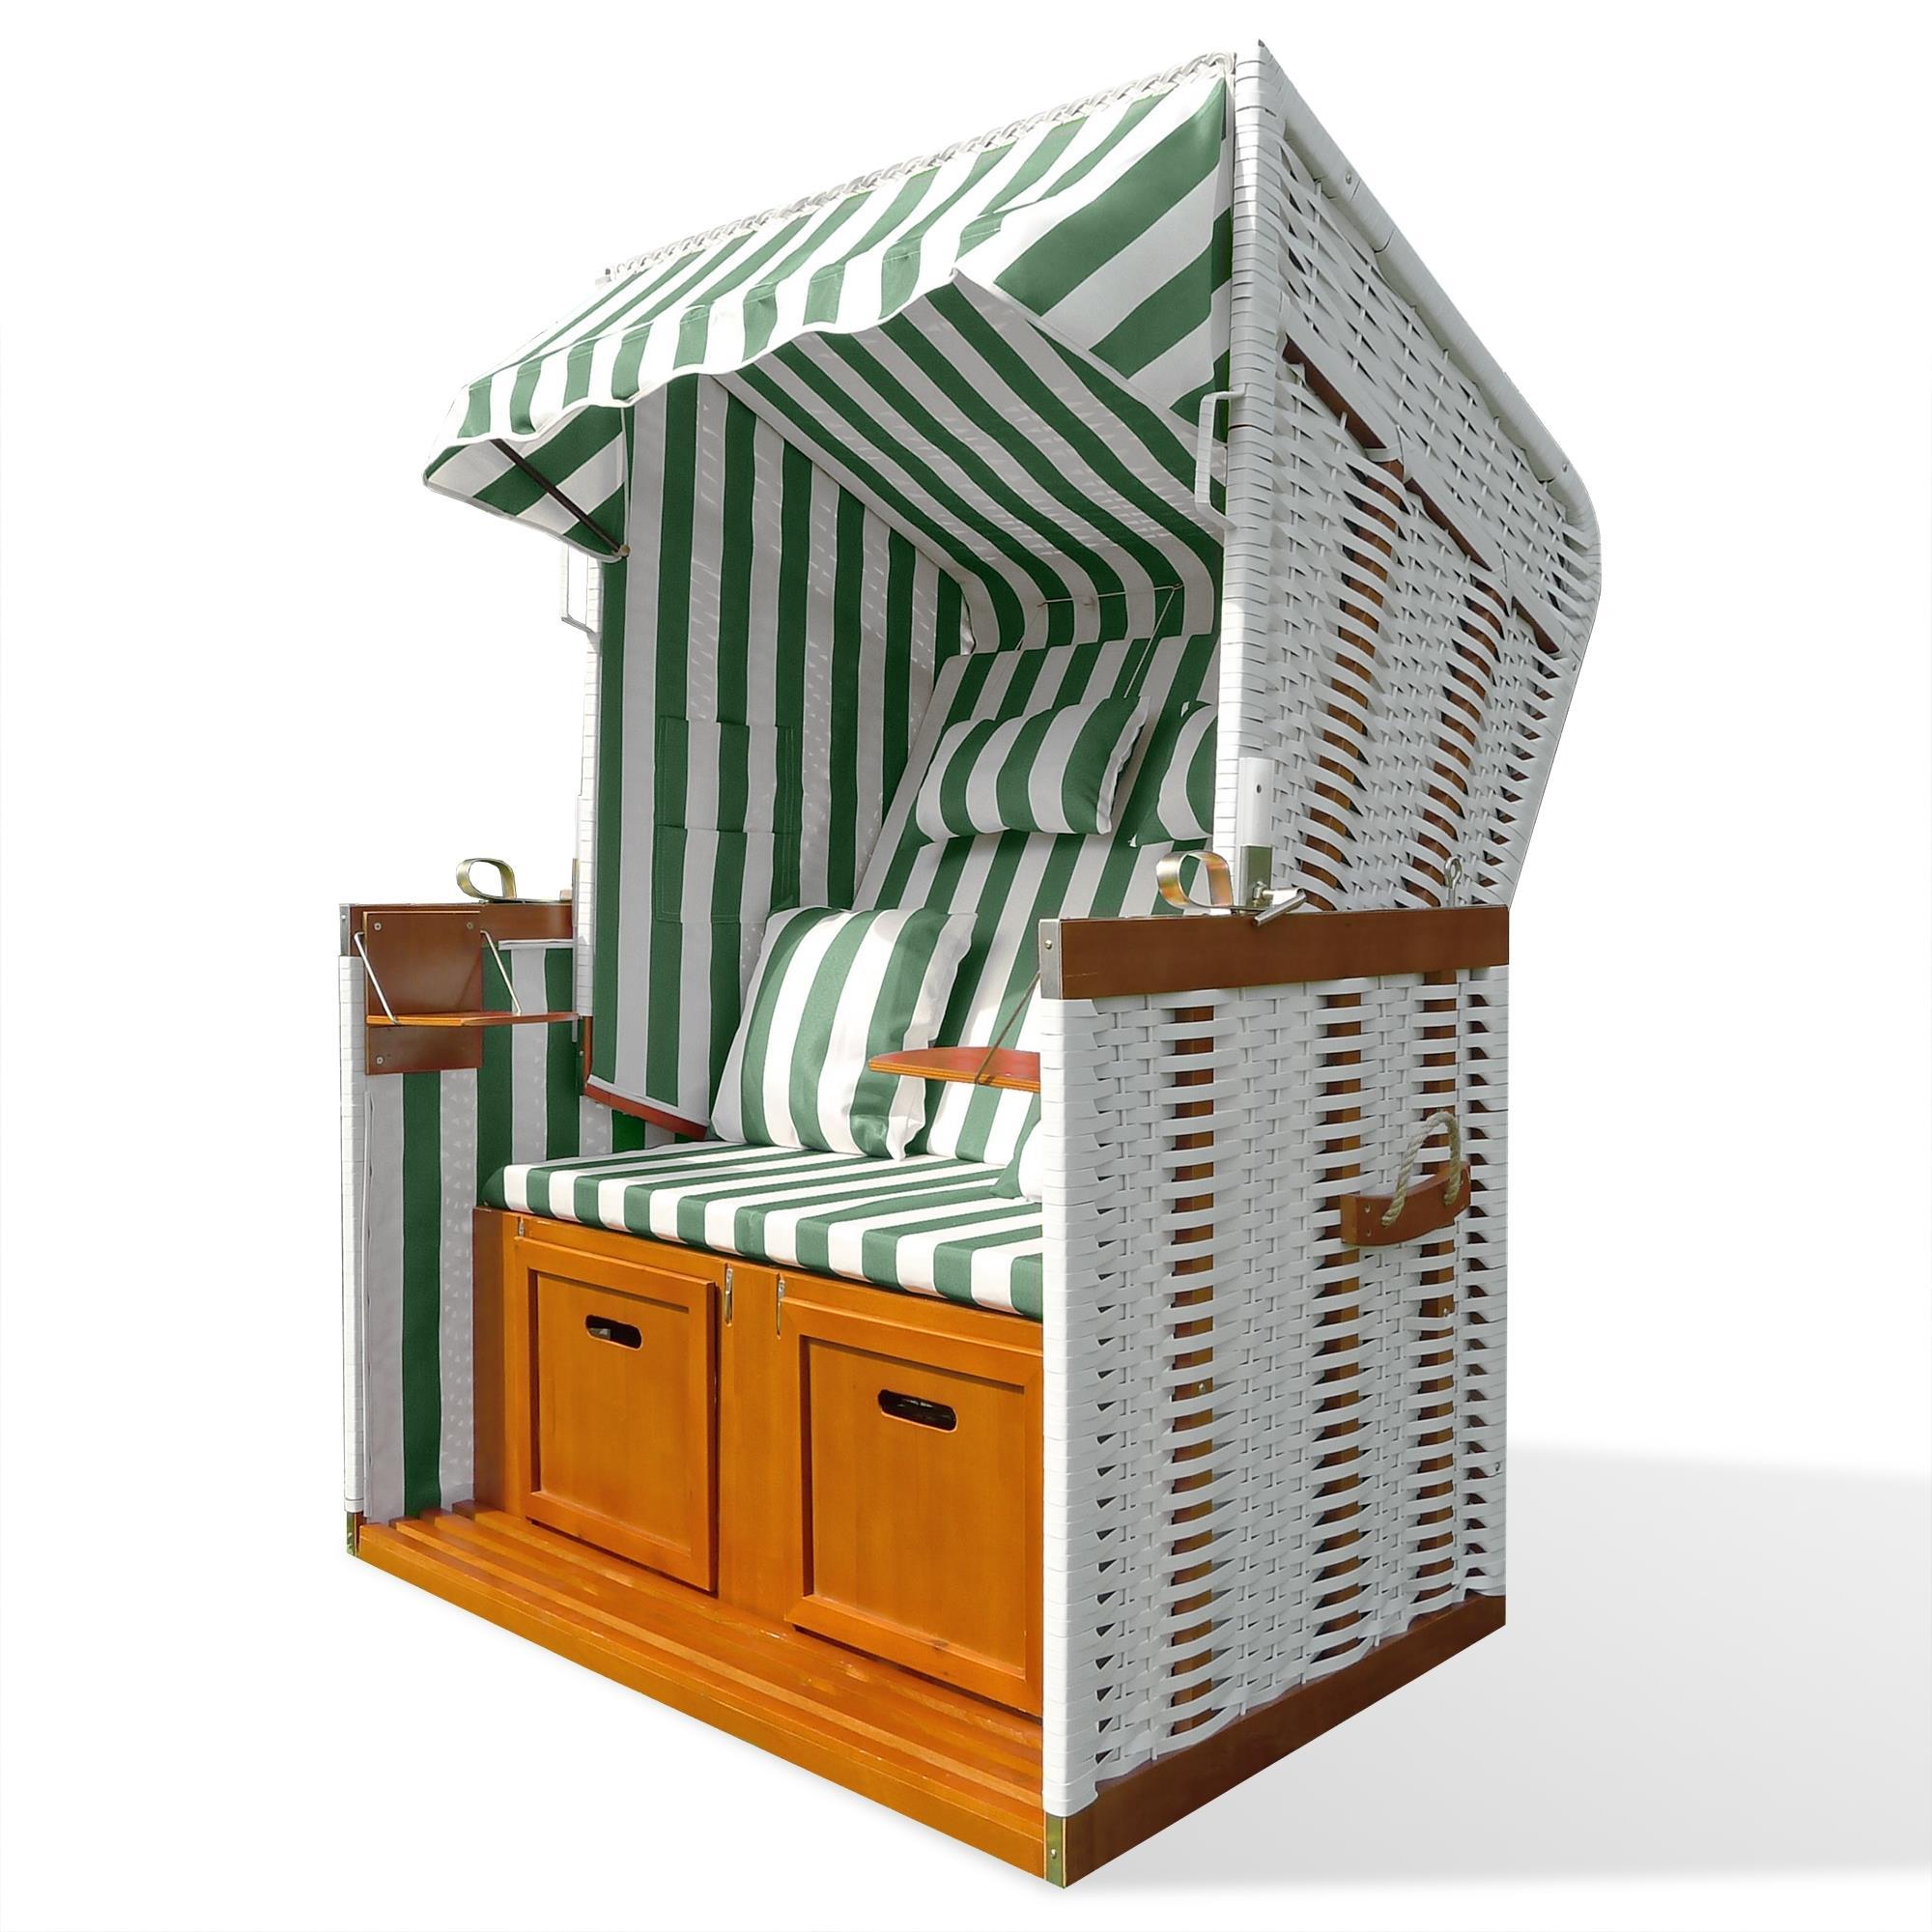 strandkorb strandk rbe garten liege fu st tzen klapptische blau gr n rot ebay. Black Bedroom Furniture Sets. Home Design Ideas